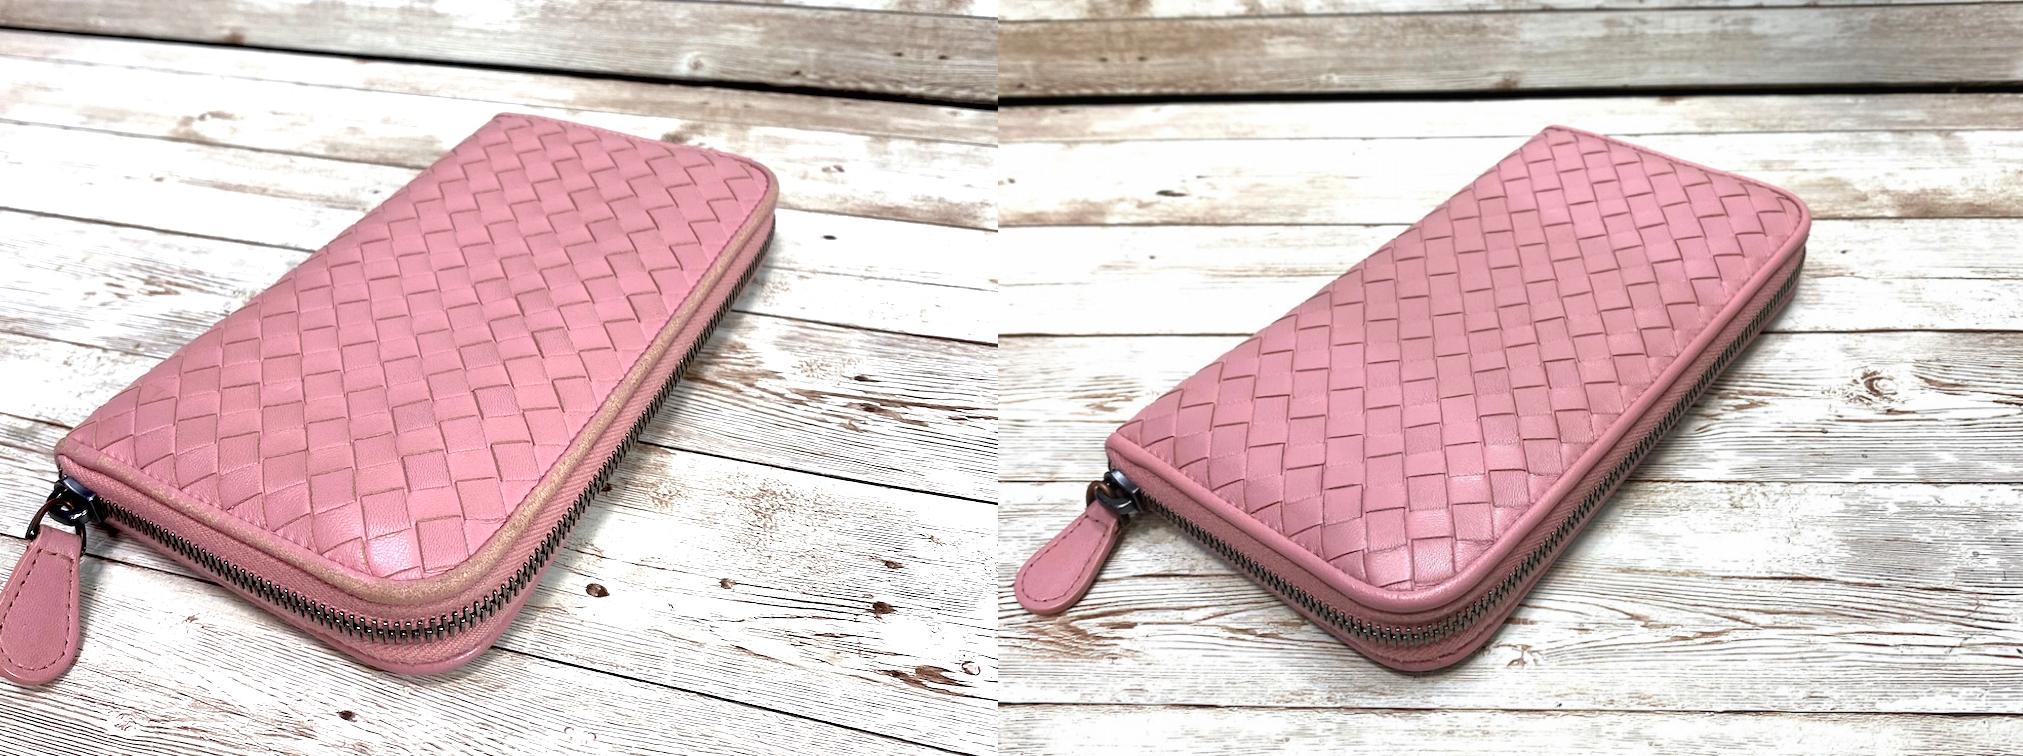 ボッテガ・ヴェネタ(Bottega Veneta)の財布のカラーリングをご紹介します。